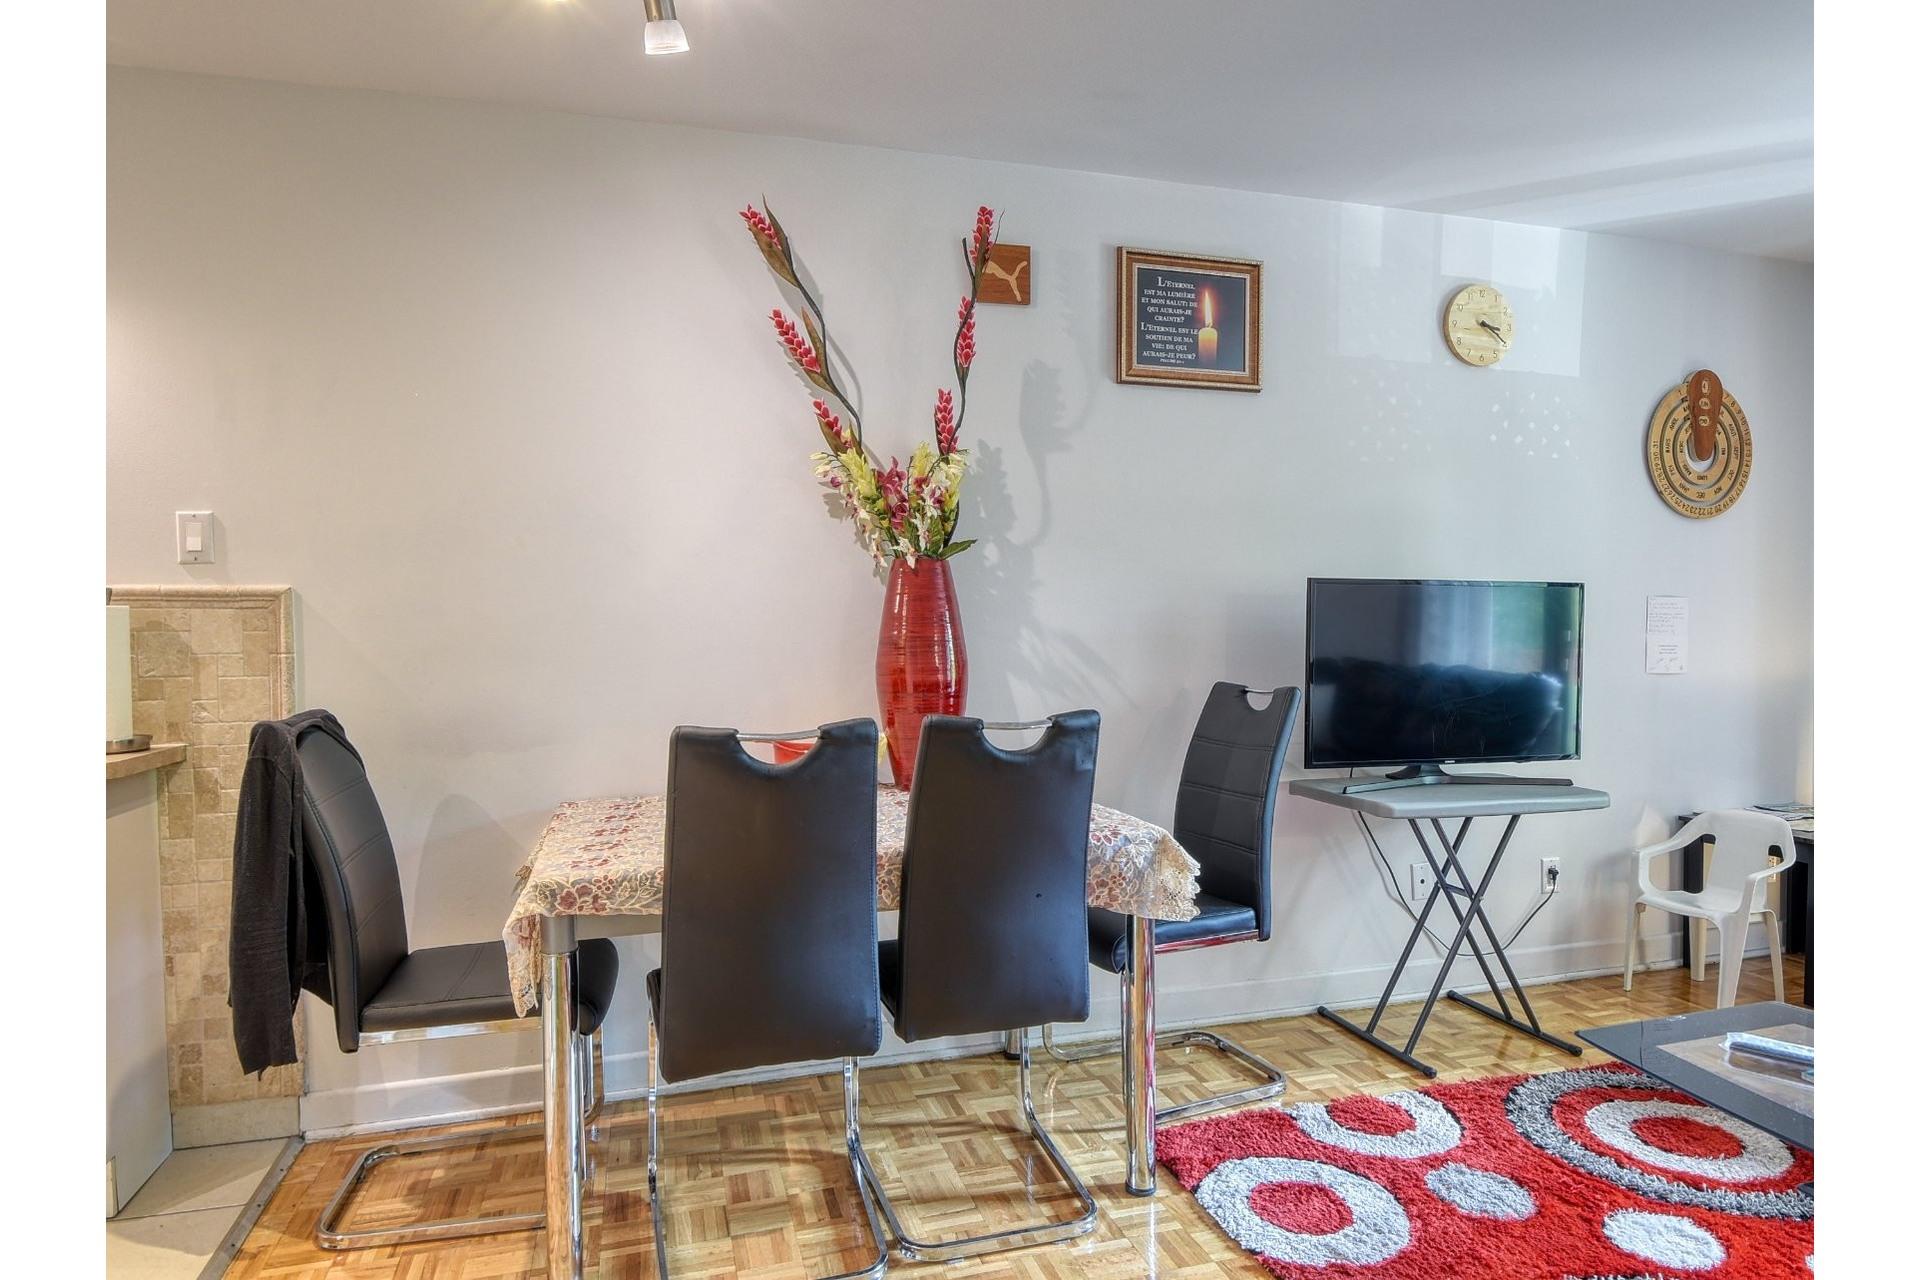 image 4 - Appartement À vendre Ahuntsic-Cartierville Montréal  - 5 pièces